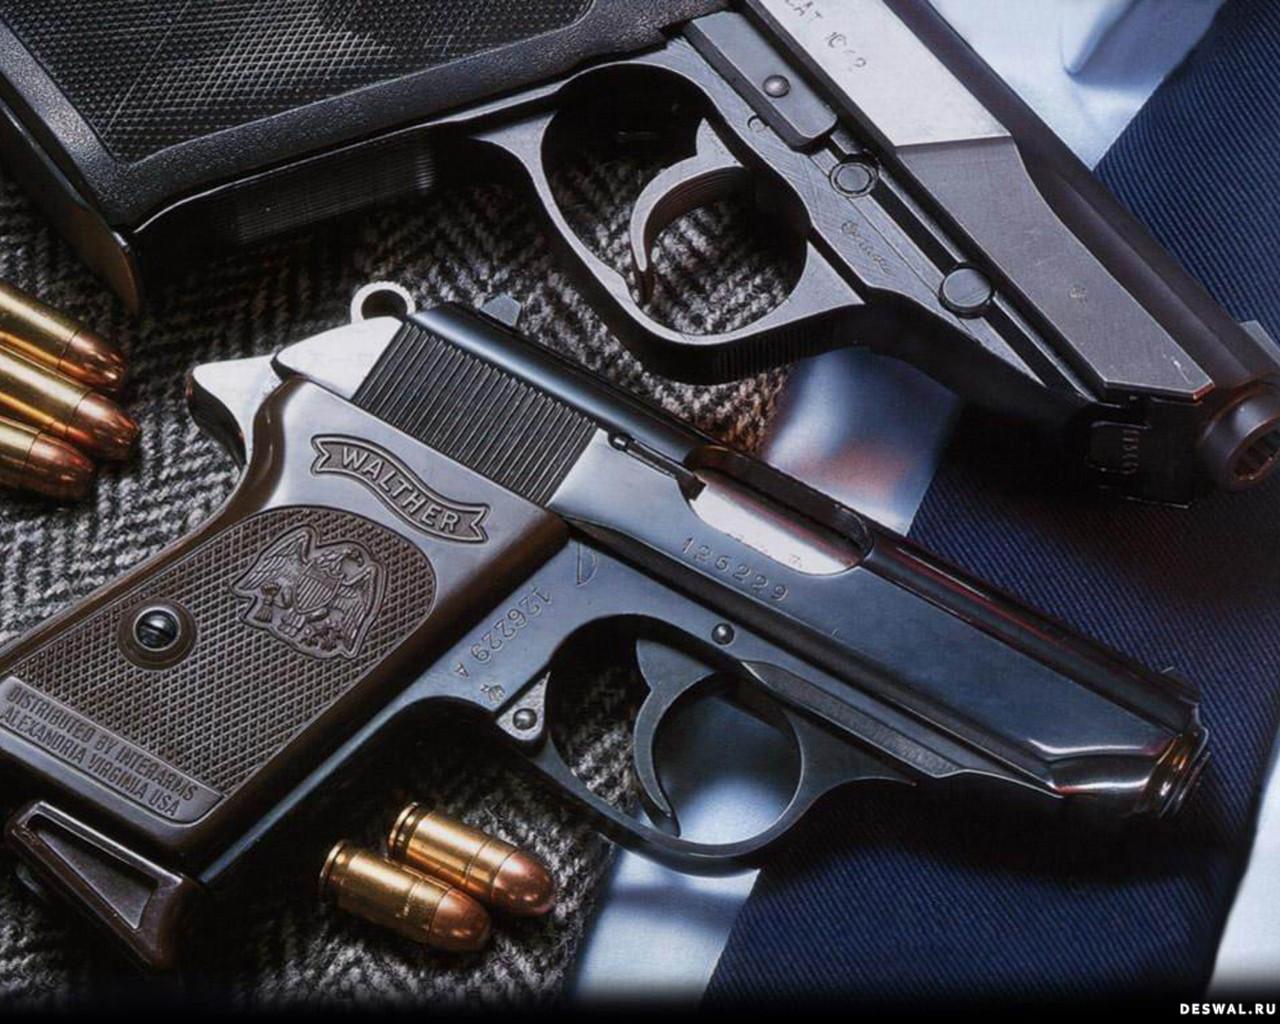 Фото 13. Нажмите на картинку с обоями оружия, чтобы просмотреть ее в реальном размере